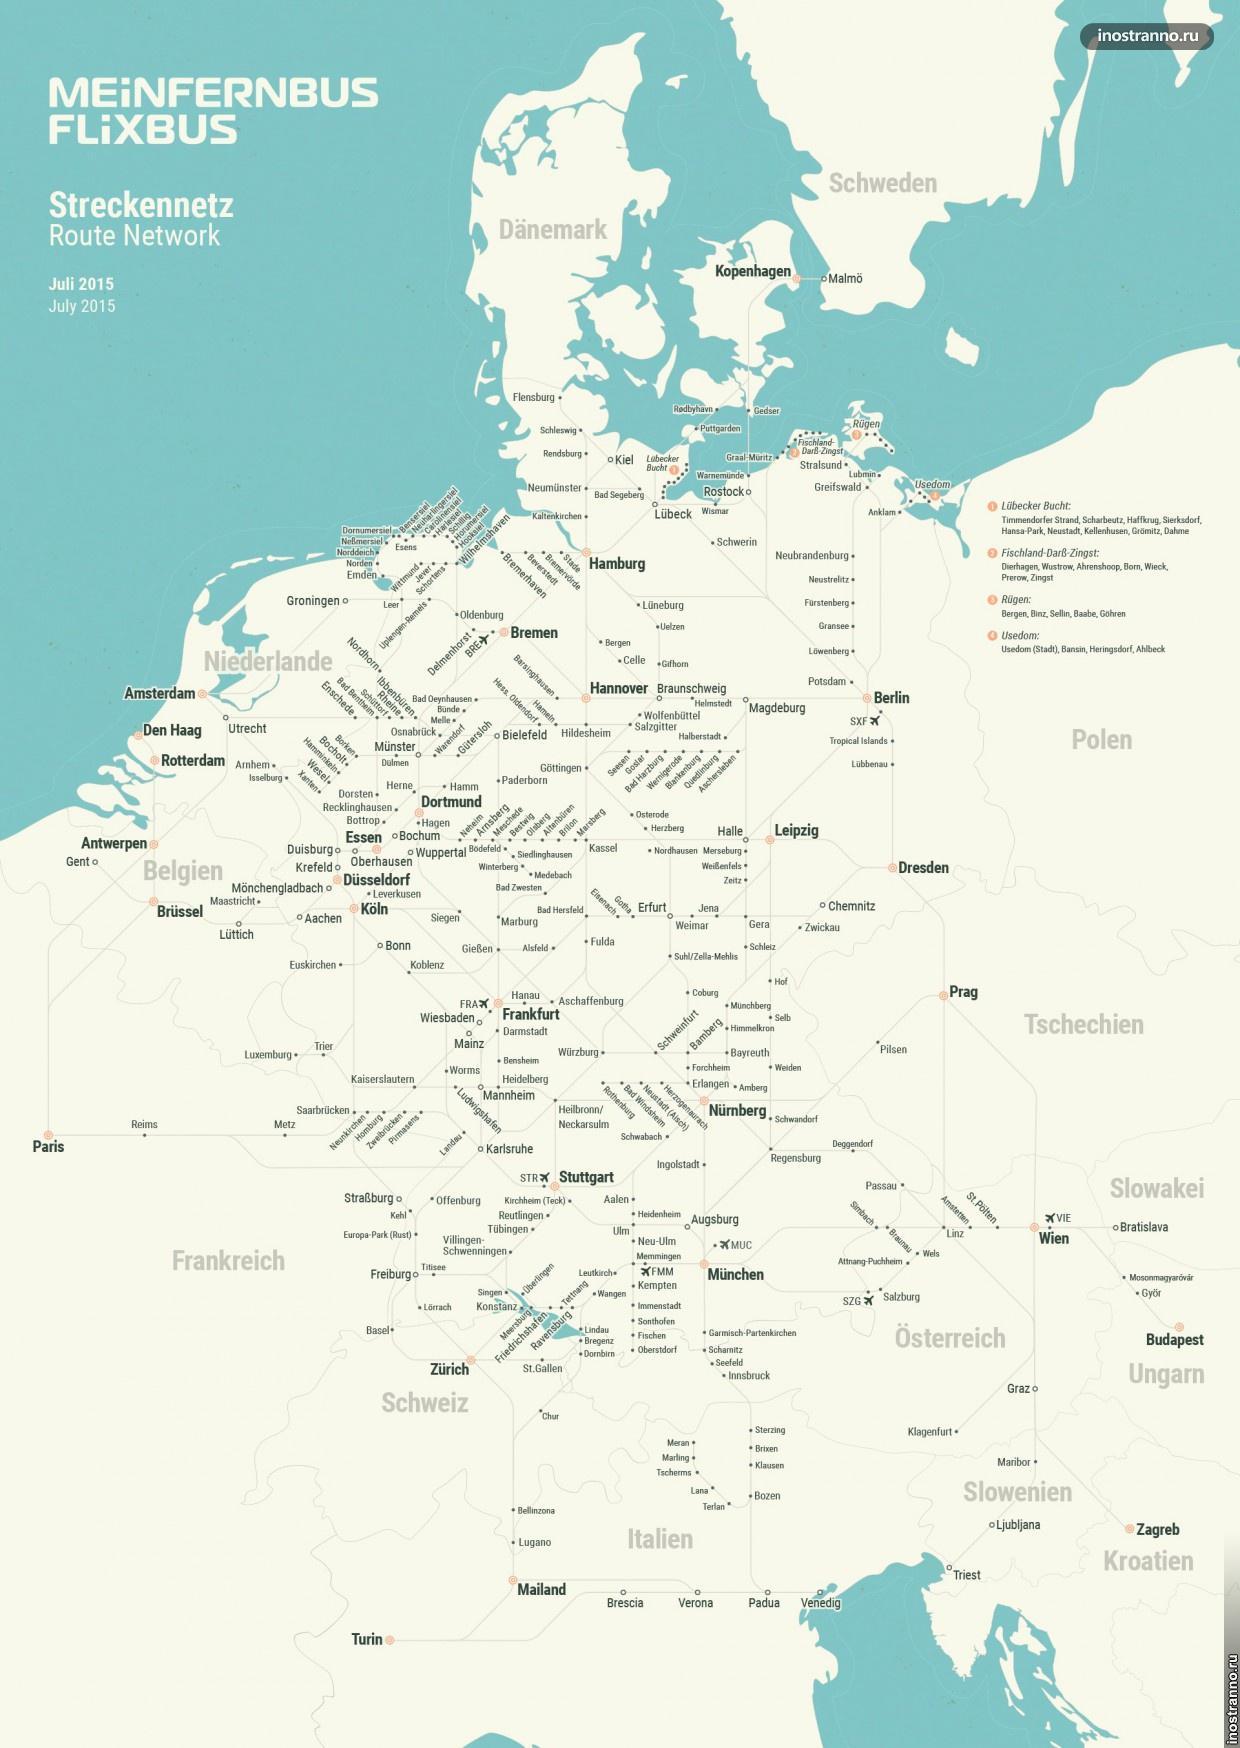 Список направлений Meinfernbus по Европе